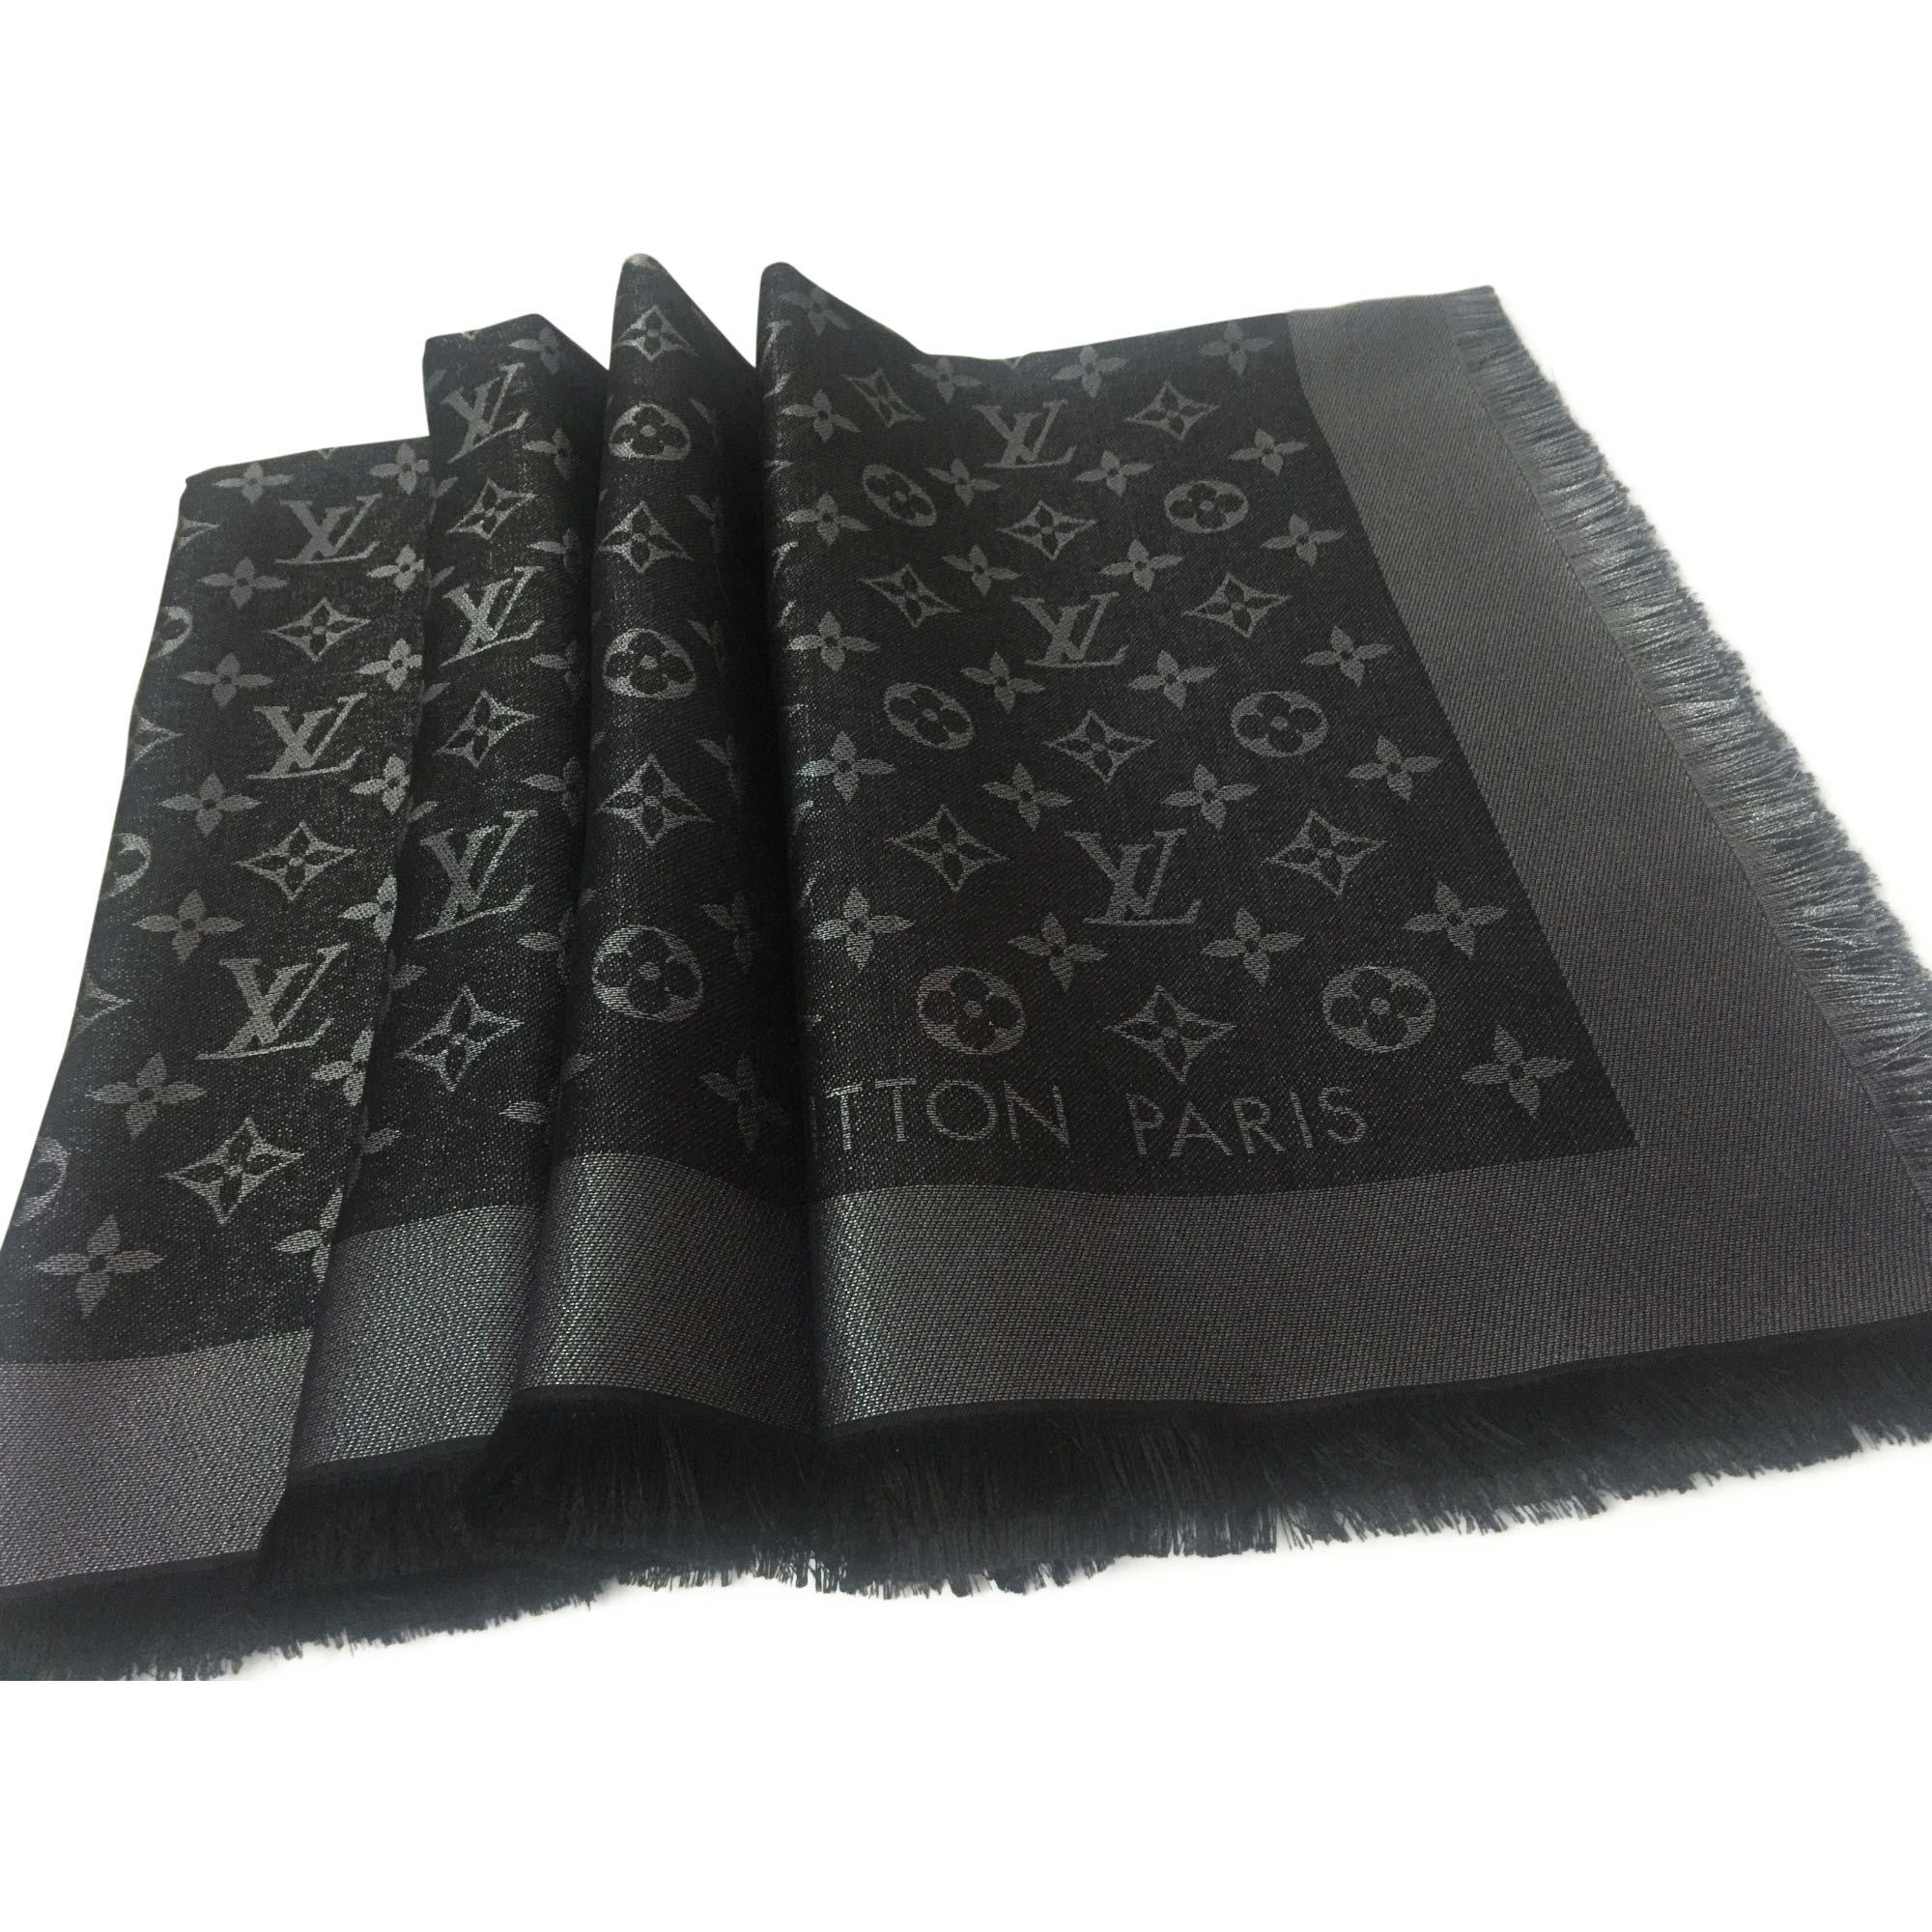 Foulard LOUIS VUITTON noir vendu par Sophie27 - 8078282 3c6bbbb0028